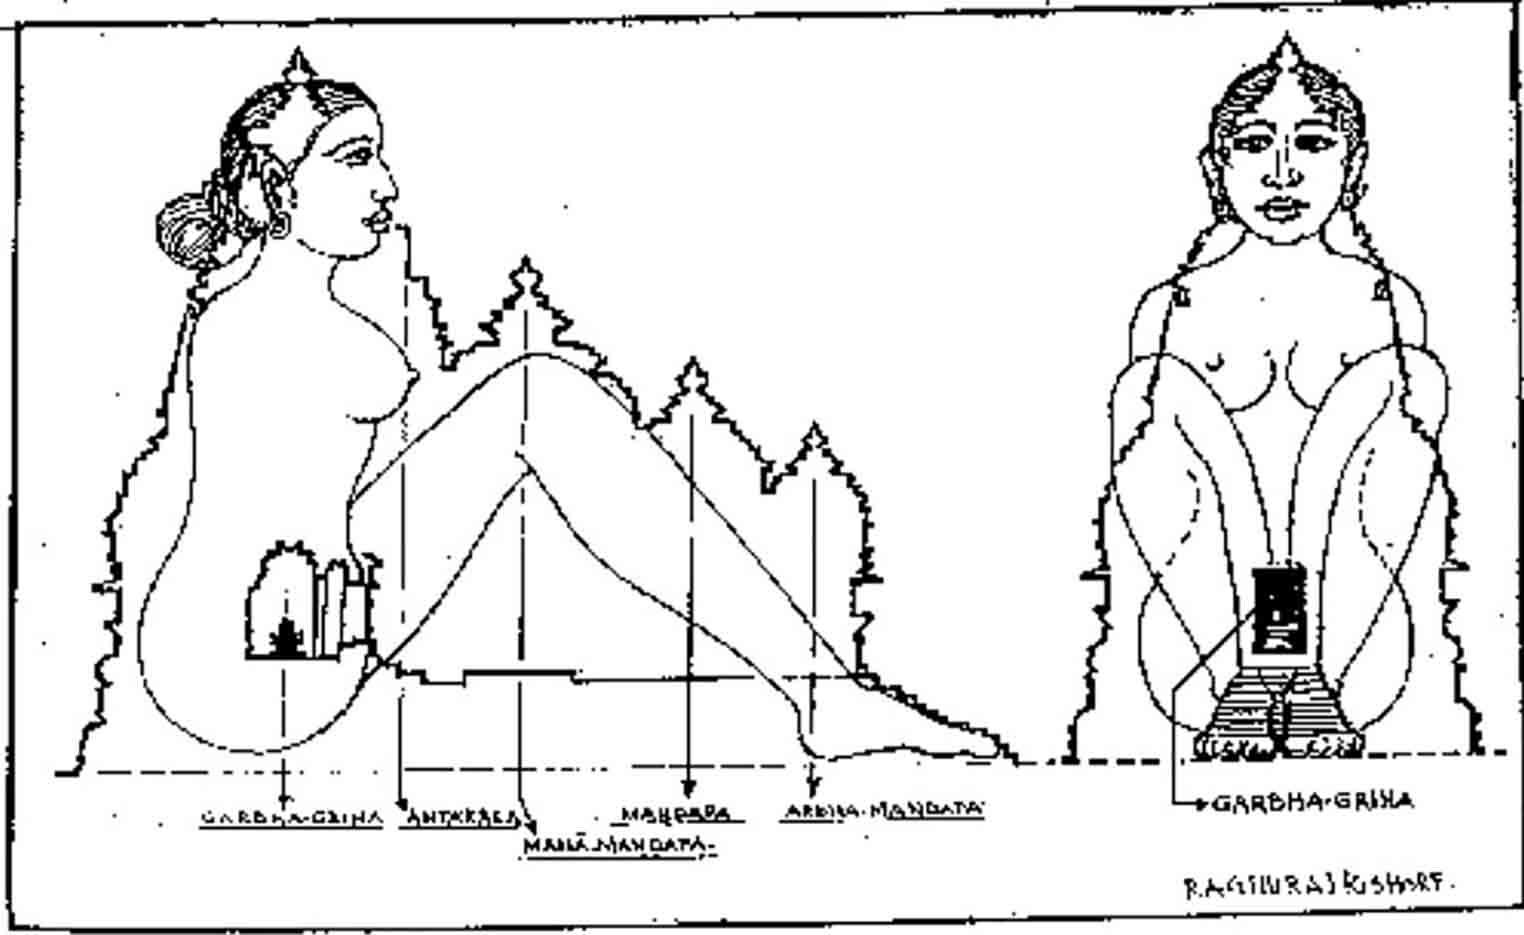 Храмы Кхаджурахо, Khajuraho Temples - 2